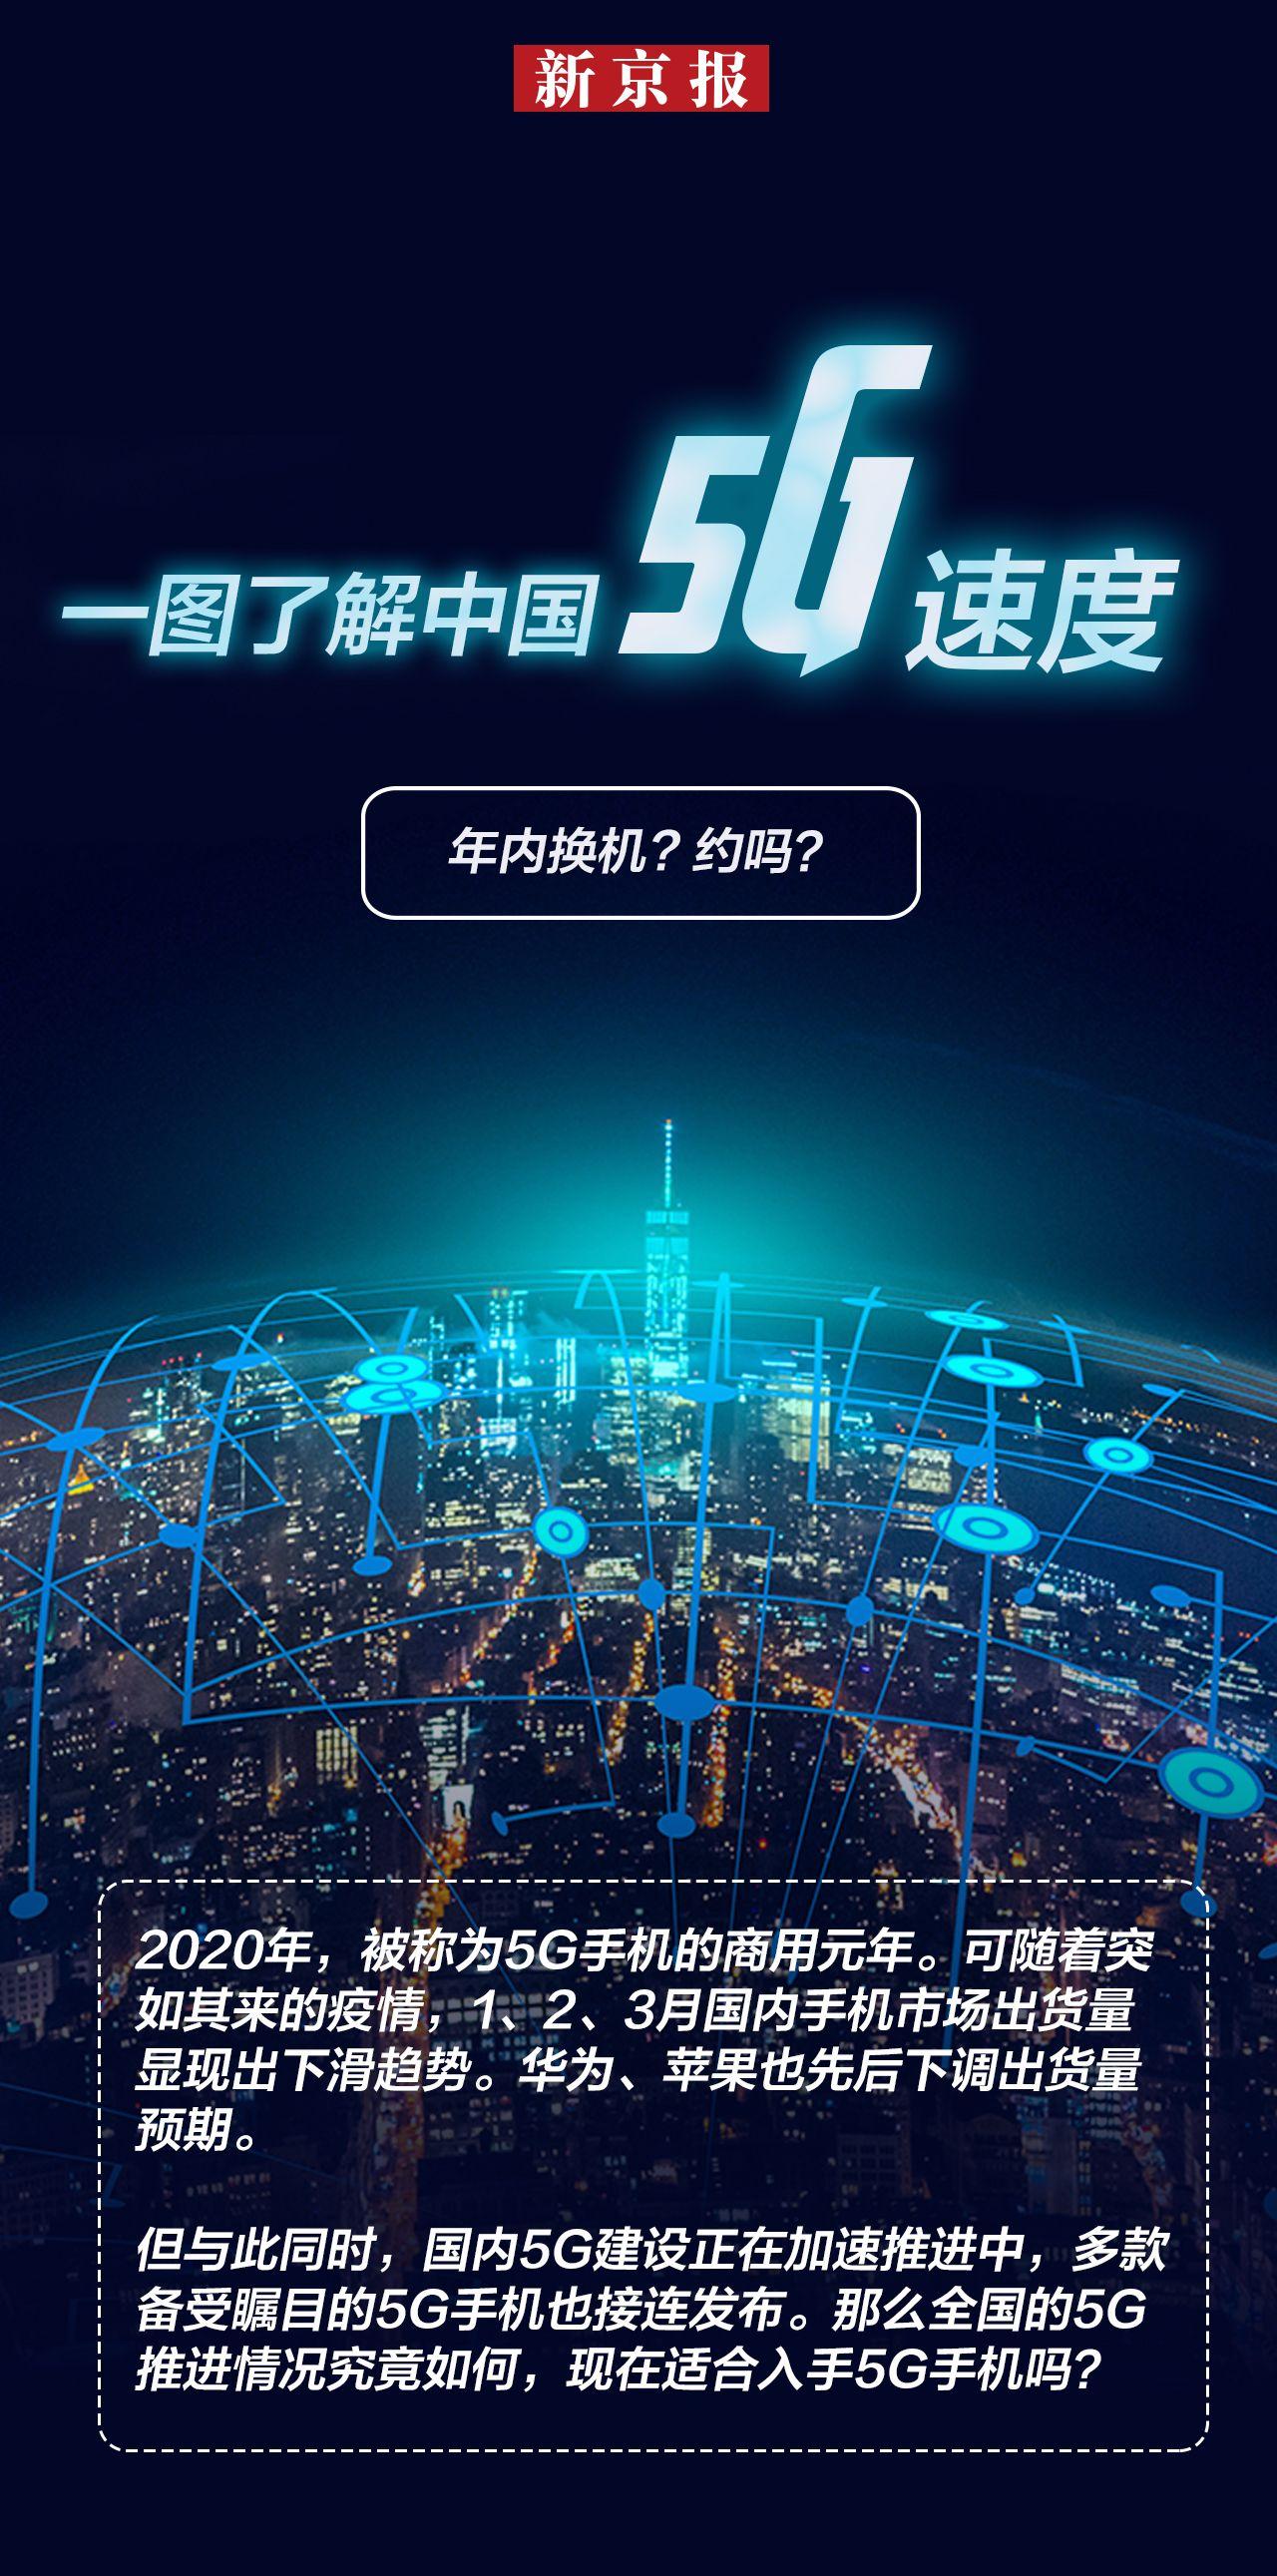 年内换机?一图了解中国5G速度图片